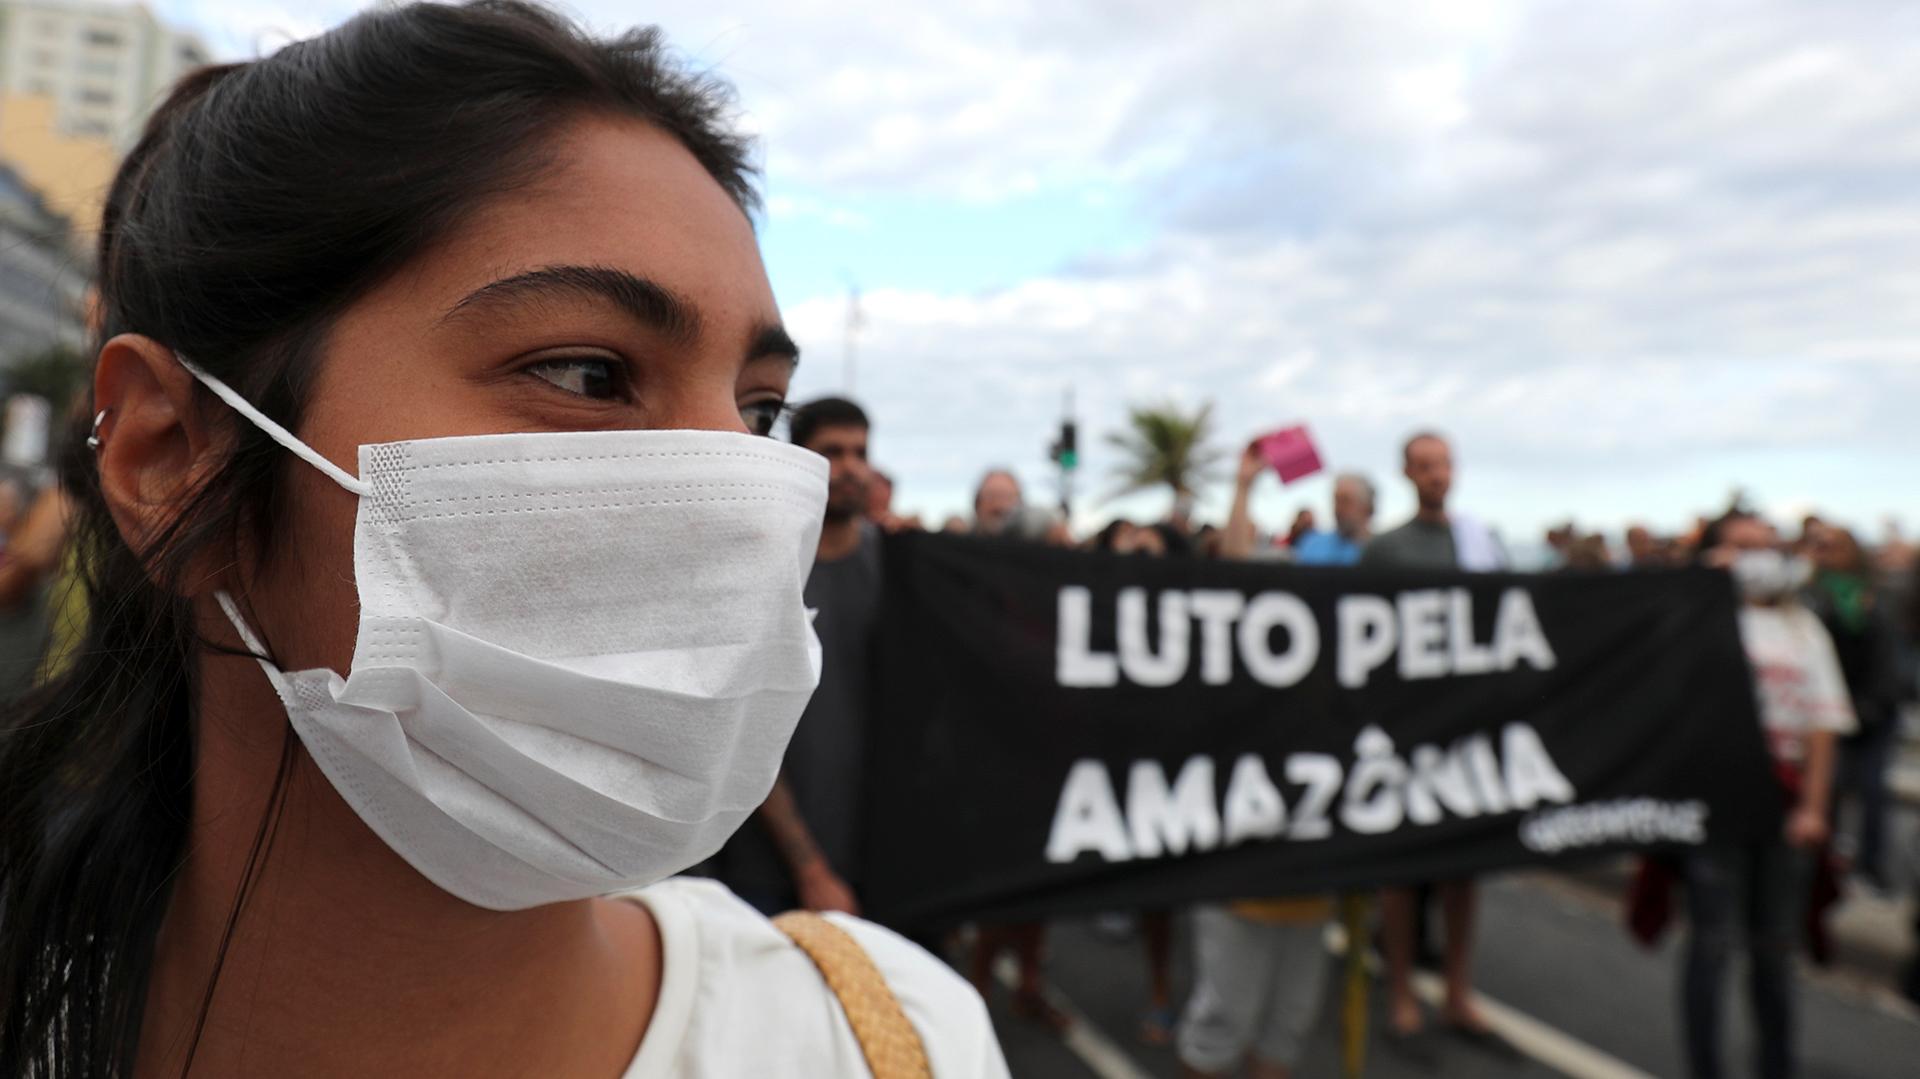 """Una mujer con una máscara asiste a una manifestación para exigir más protección en el Amazonas. El letrero que se encuentra detrás dice """"Luto por la Amazonia"""". REUTERS / Sergio Moraes"""